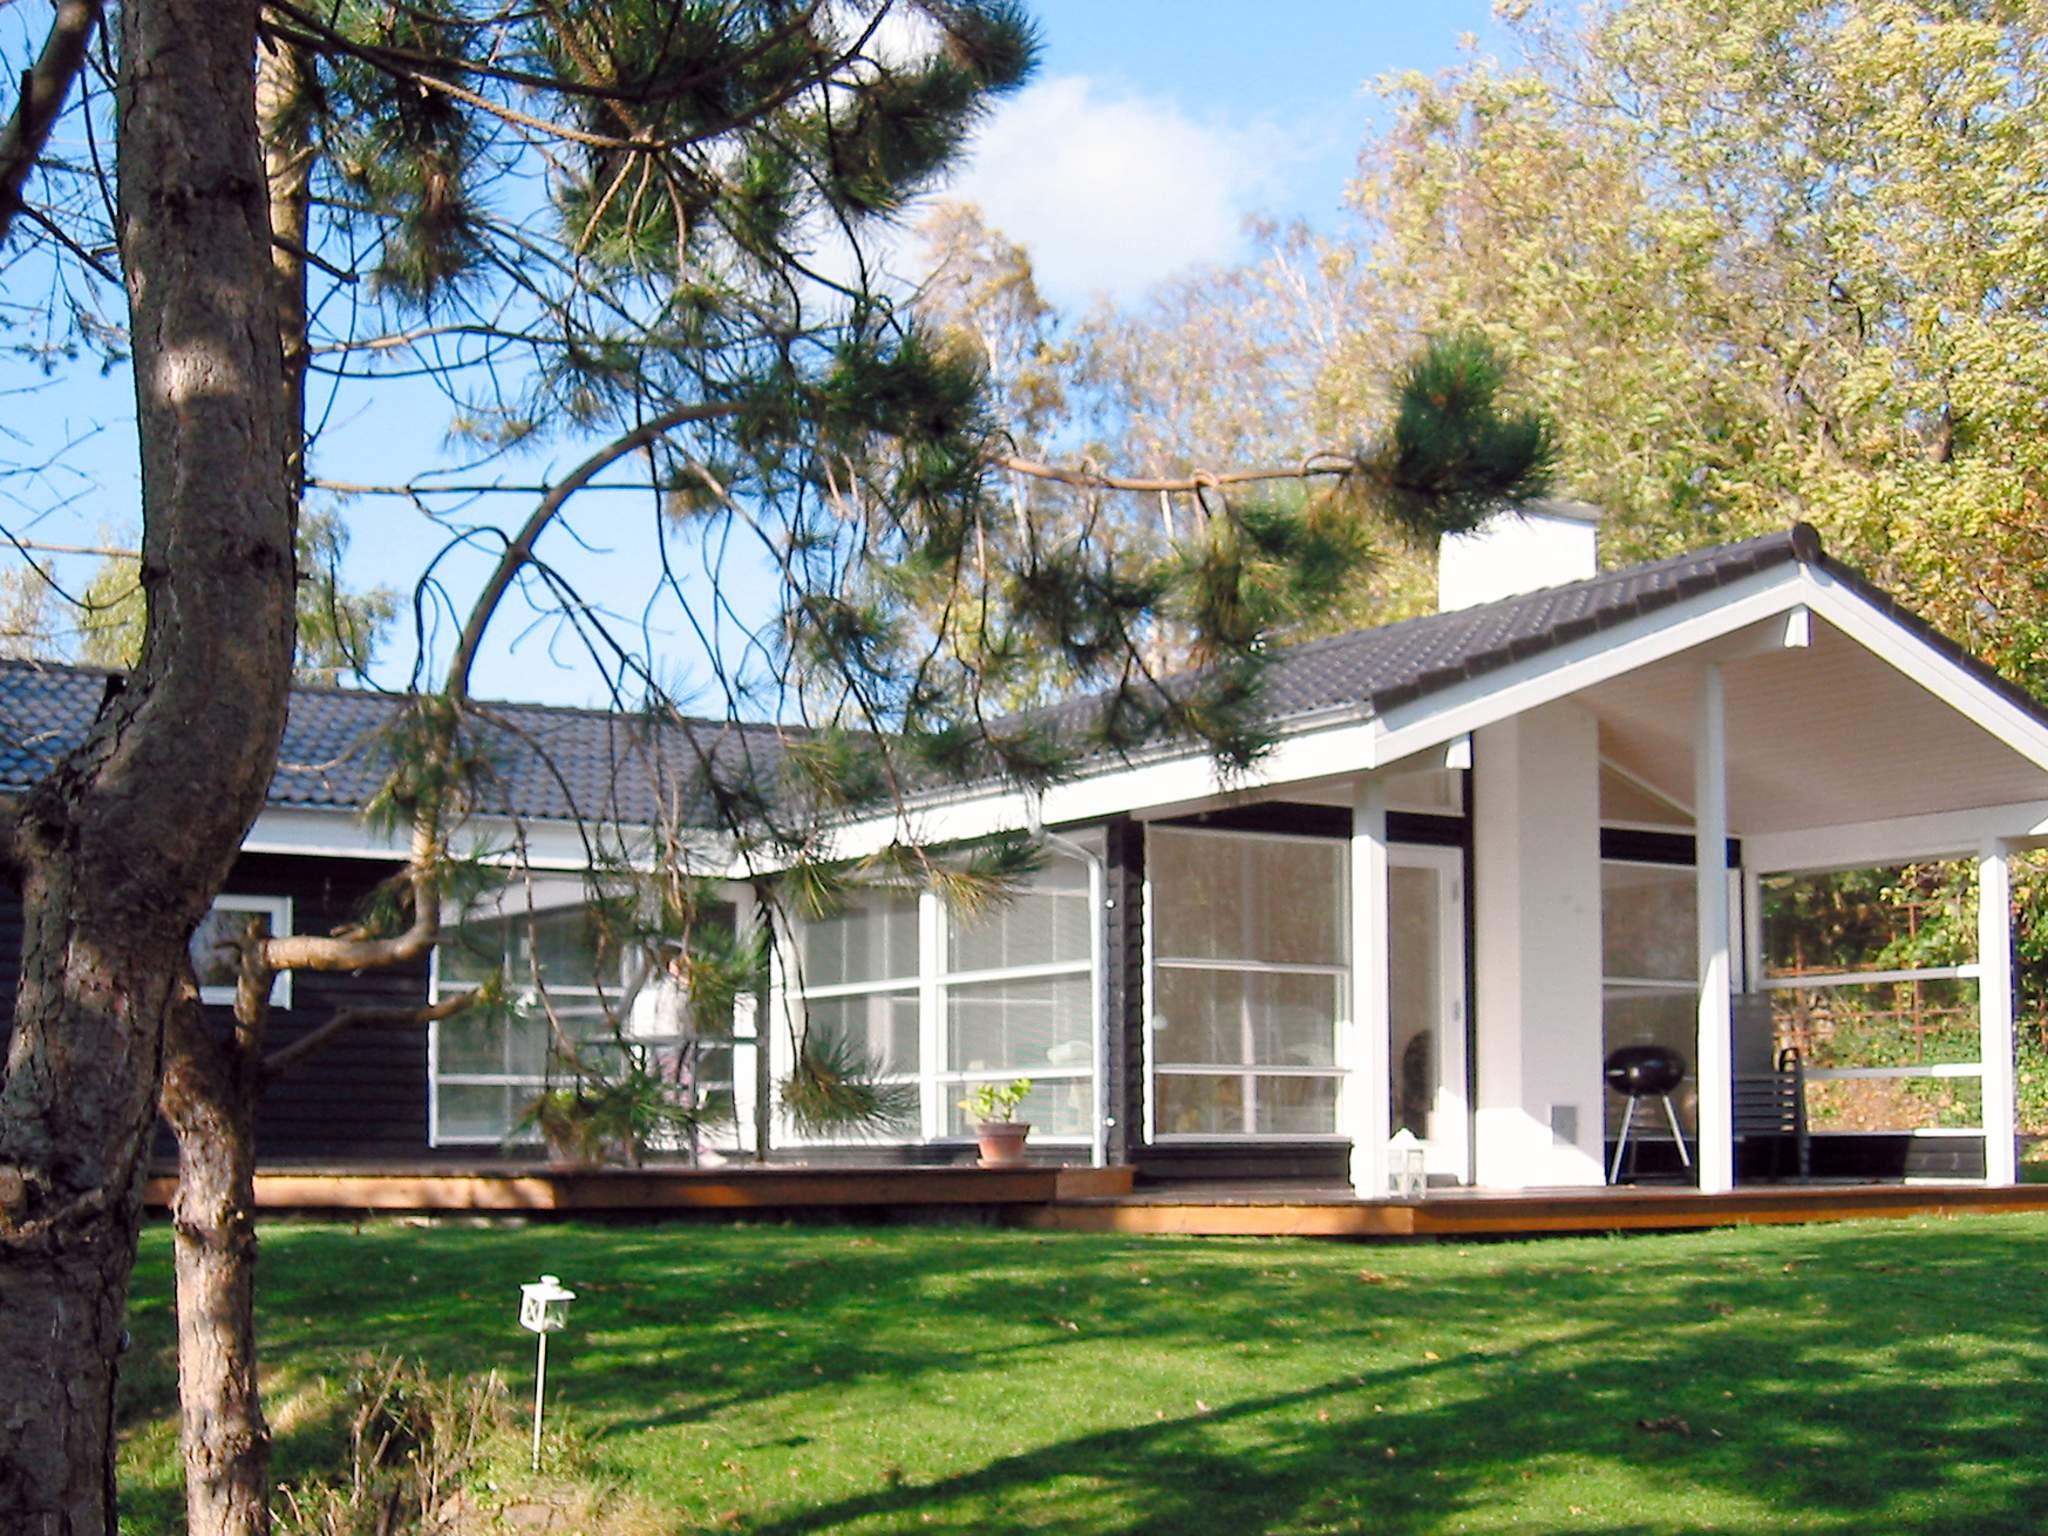 Ferienhaus Skibby (124927), Kirke Hyllinge, , Nordseeland, Dänemark, Bild 20